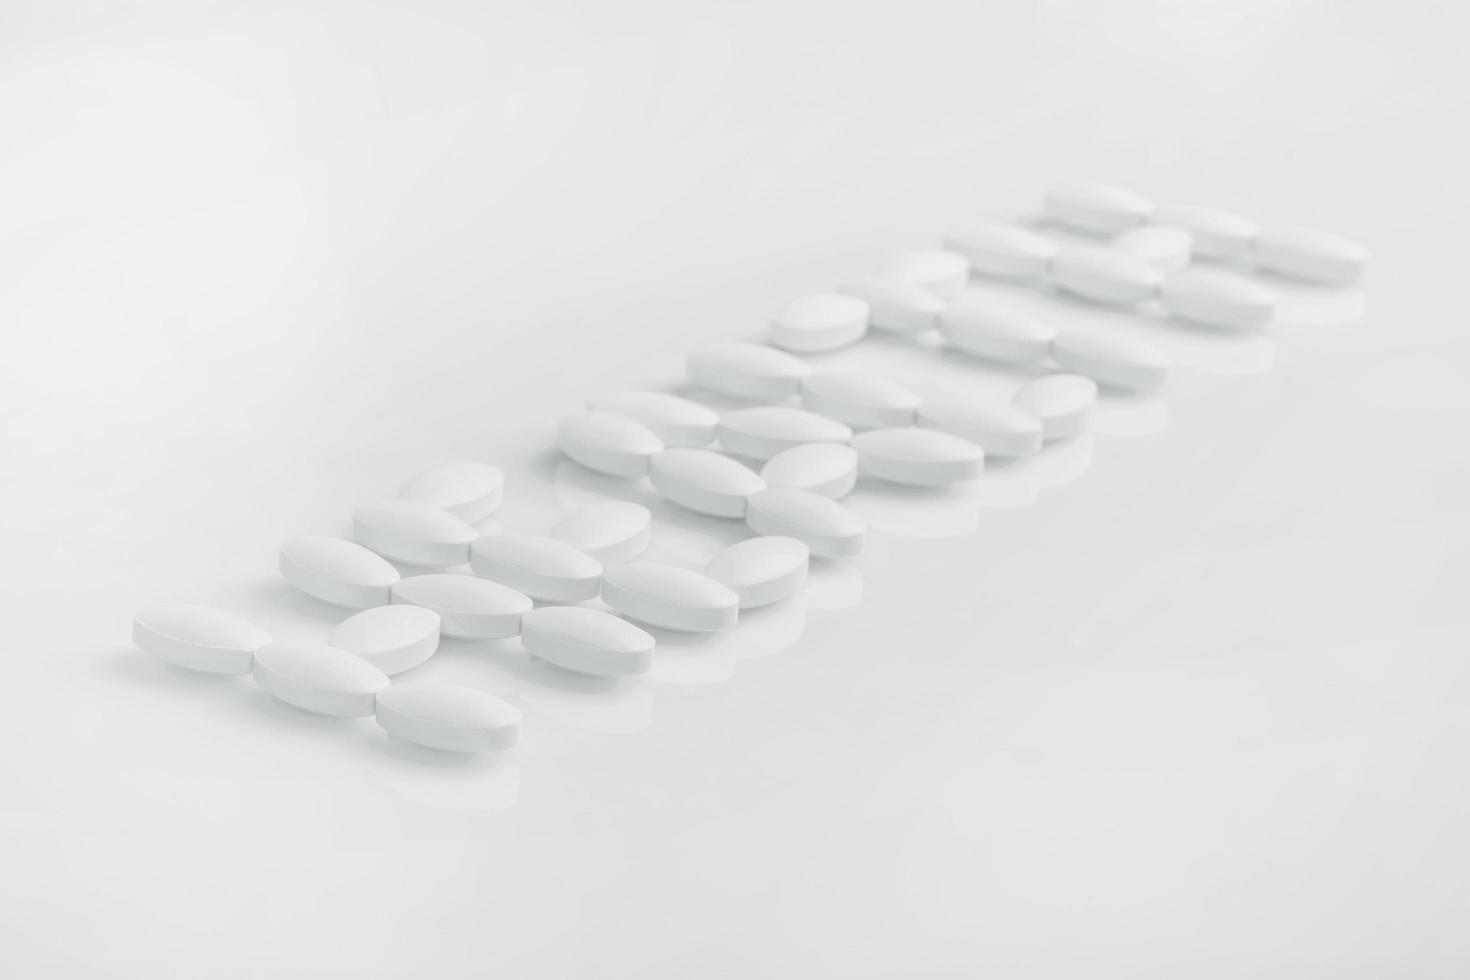 hälsoord gjord av vita piller foto